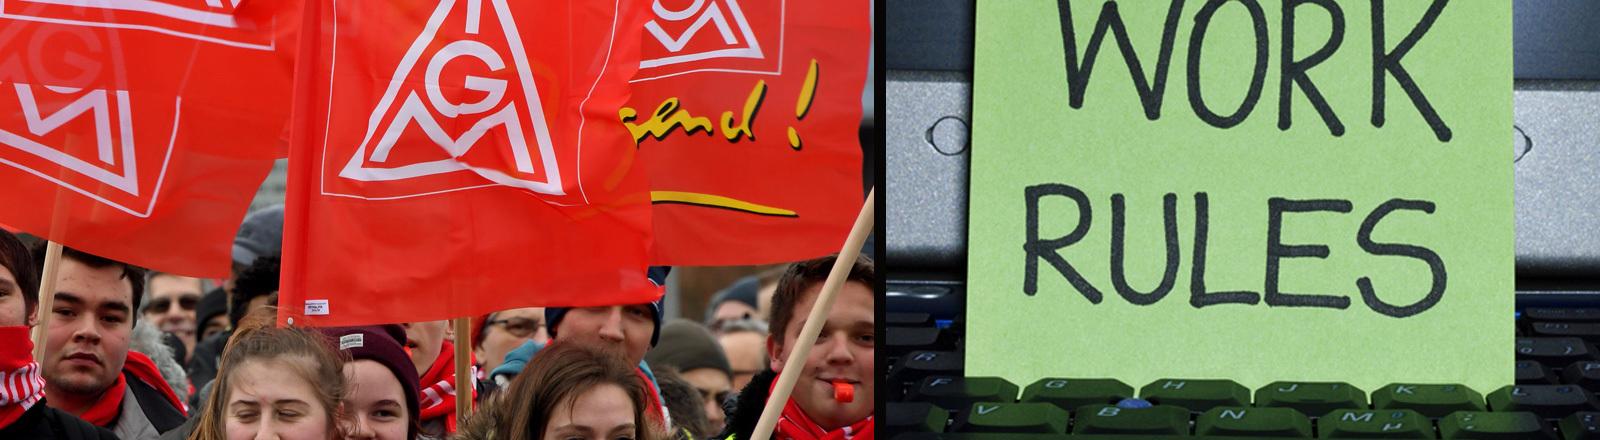 """Streikende IG Metall Mitglieder mit Fahnen in der Hand und ein Bild von einem Laptop mit dem Schild """"Work Rules""""."""